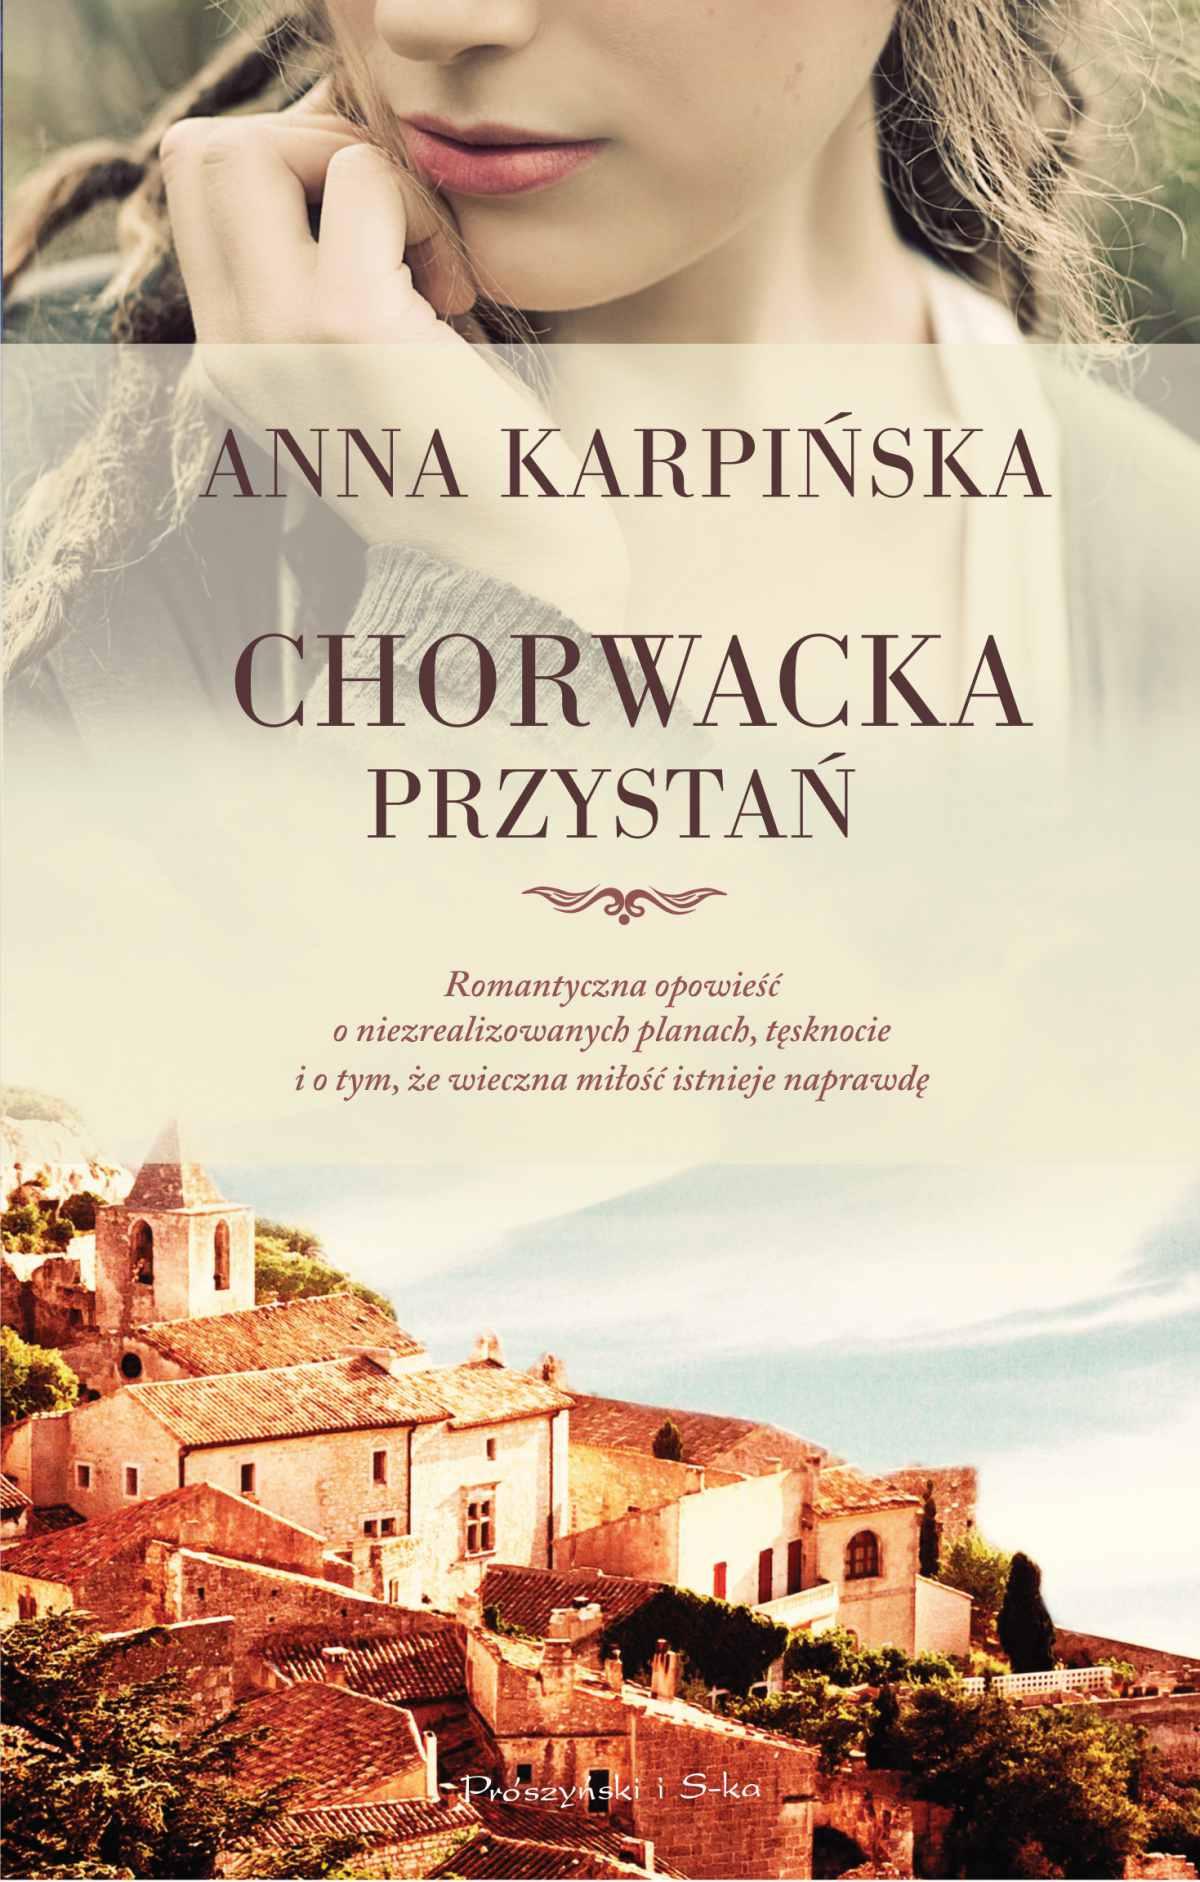 Chorwacka przystań - Ebook (Książka EPUB) do pobrania w formacie EPUB